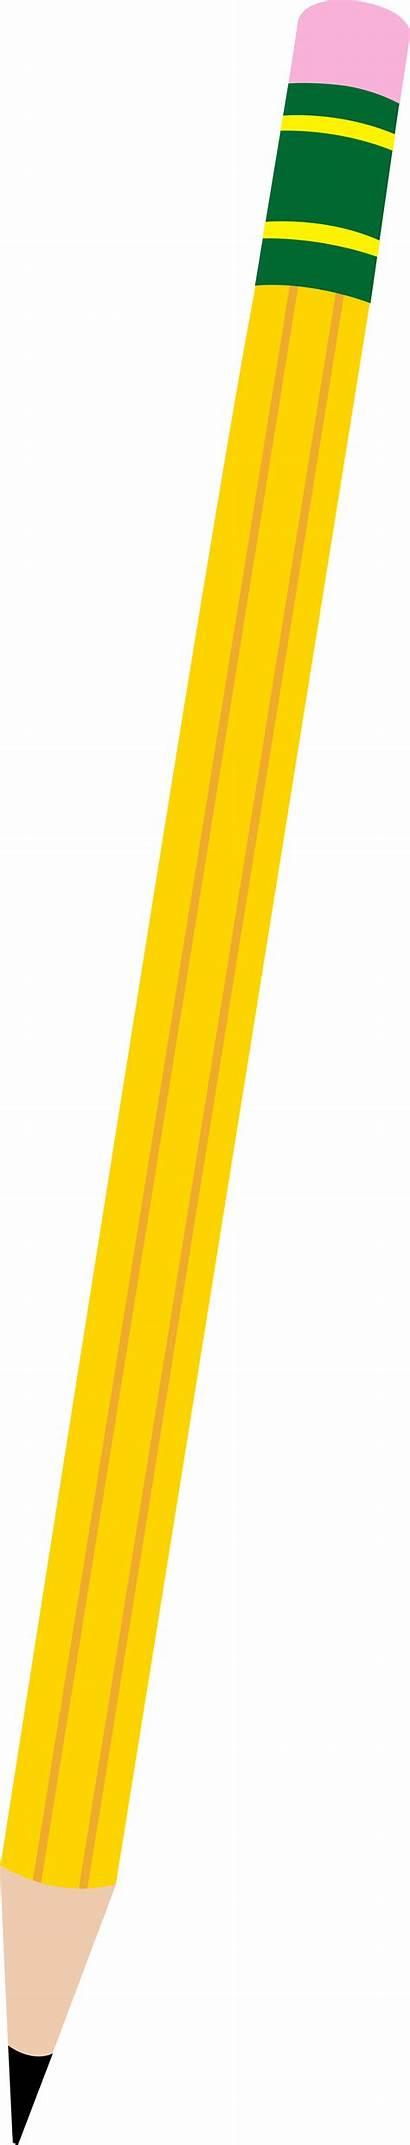 Pencil Clipart Clip Short Transparent Cliparts Horizontal